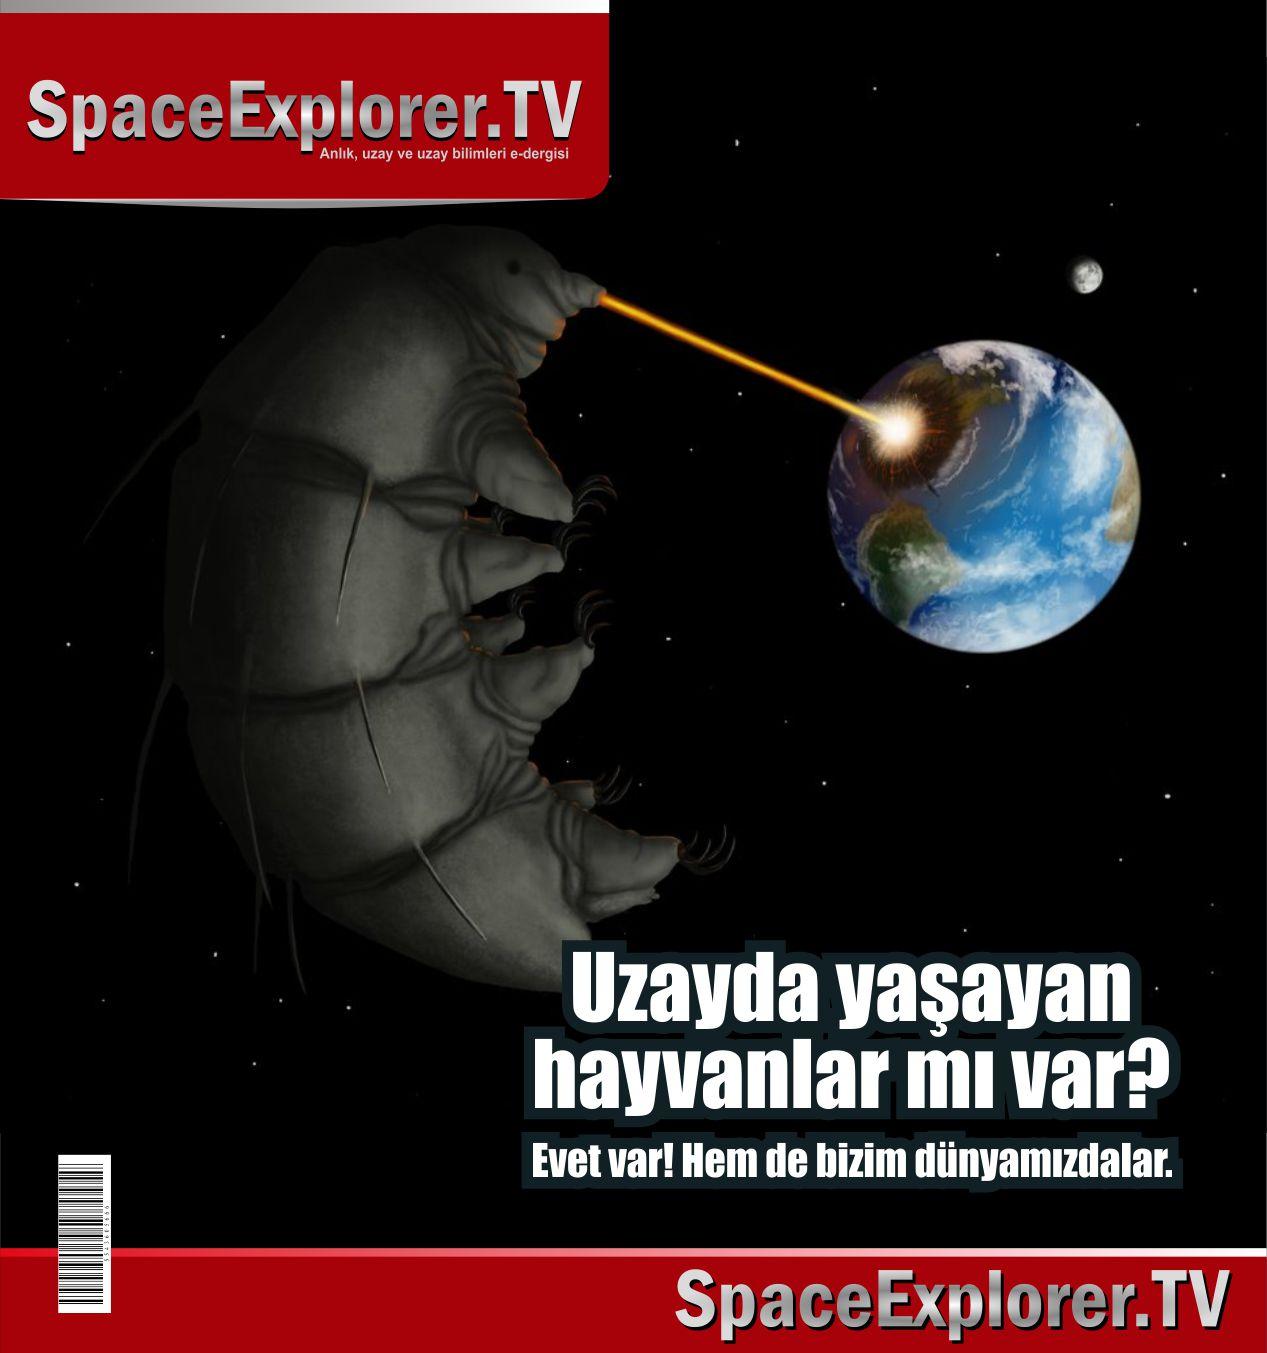 Uzayda hayat var mı?, Uzayda yaşayan canlılar, Su ayısı, Tardigrade, NASA, ISS, Canlı yayın, Space Explorer, Uluslar Arası Uzay İstasyonu, Paul Hellyer, Videolar,